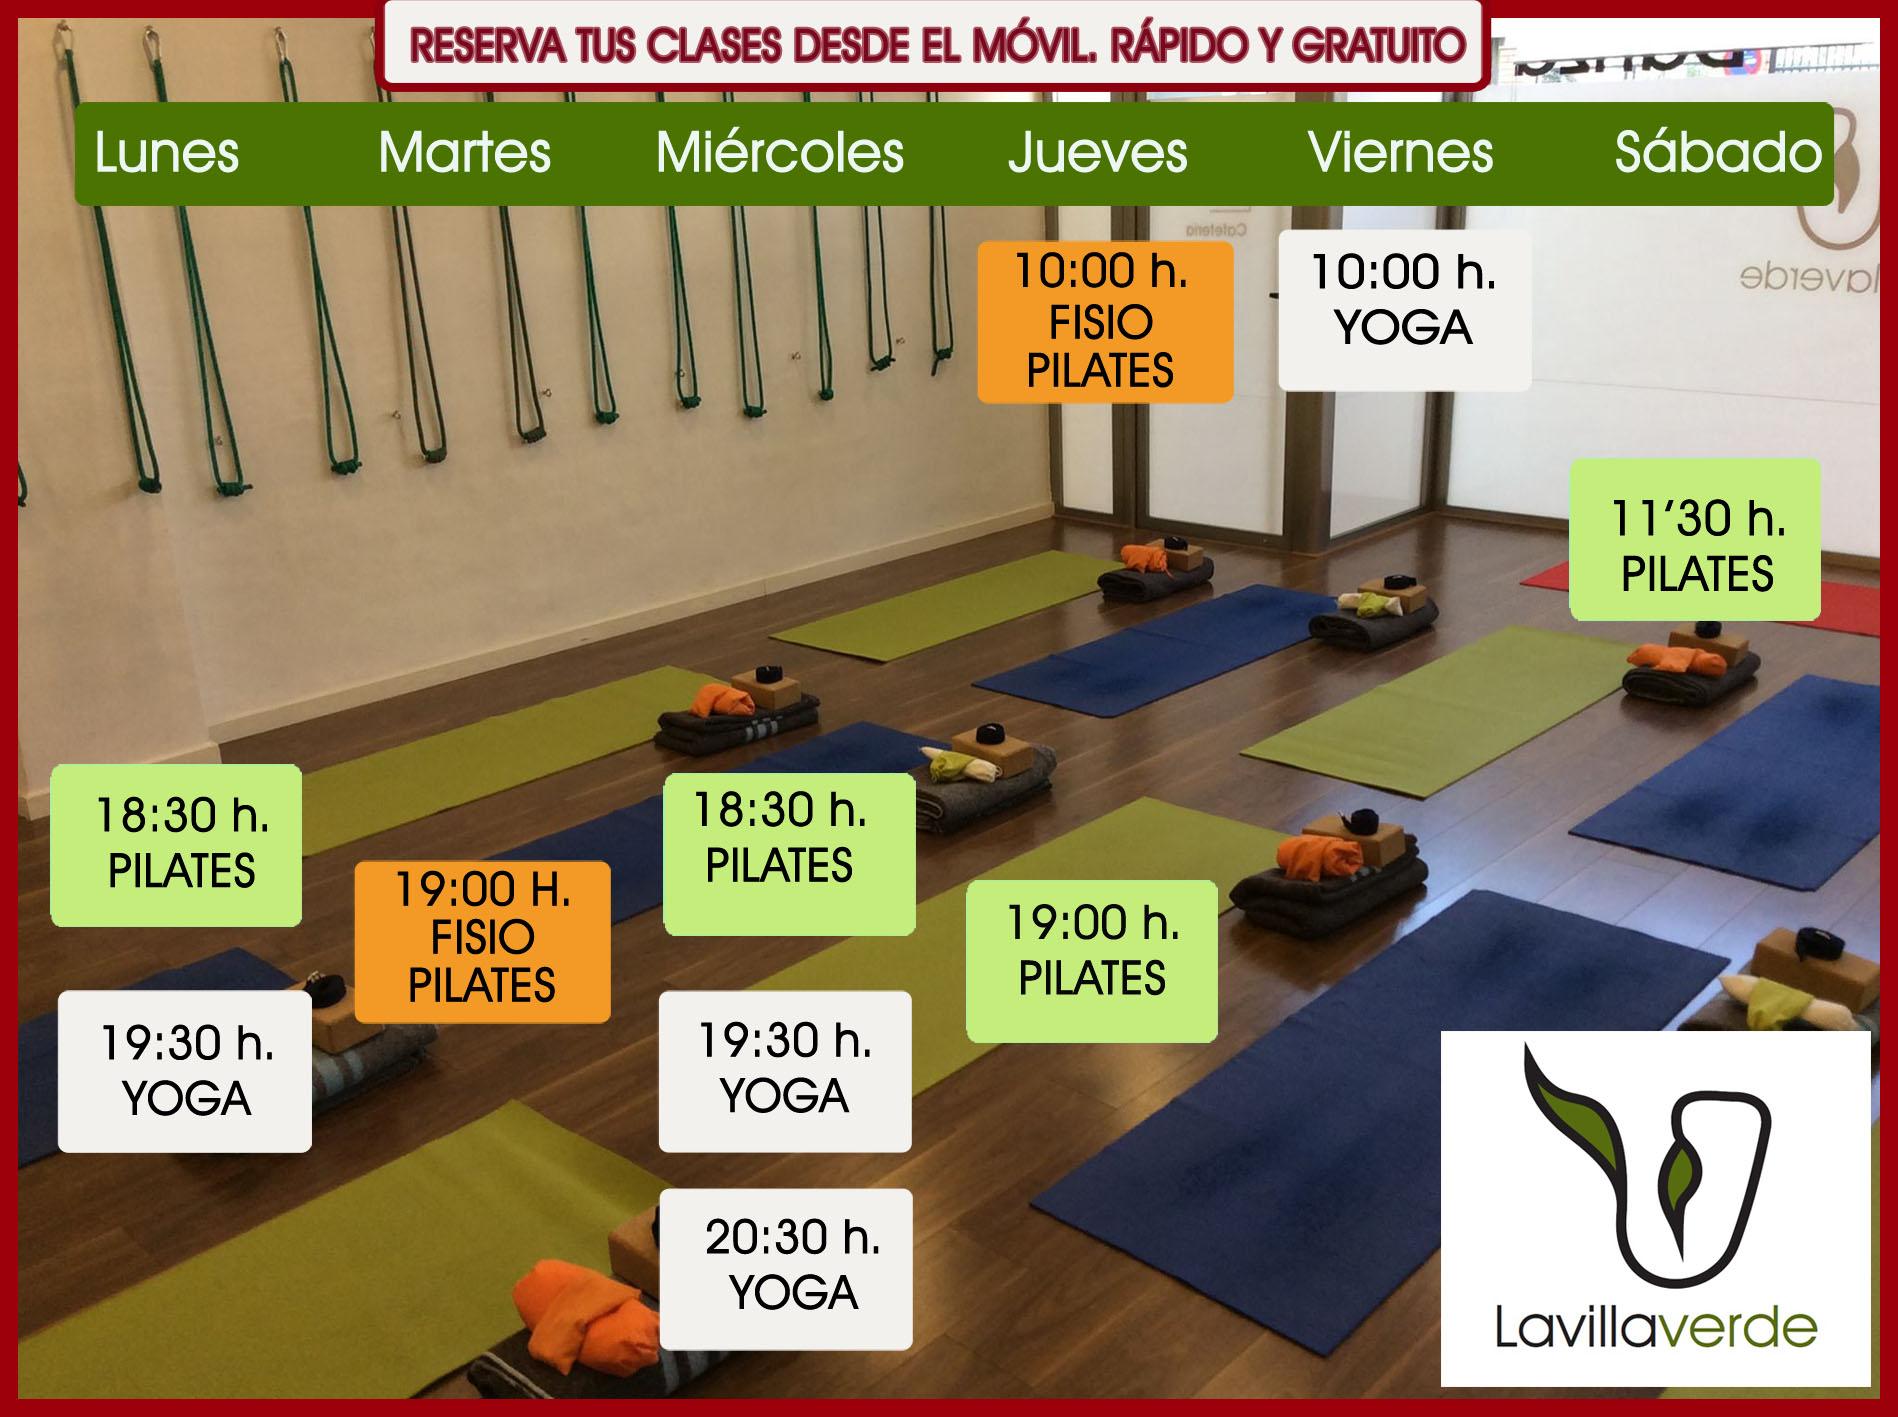 horario yoga y pilates